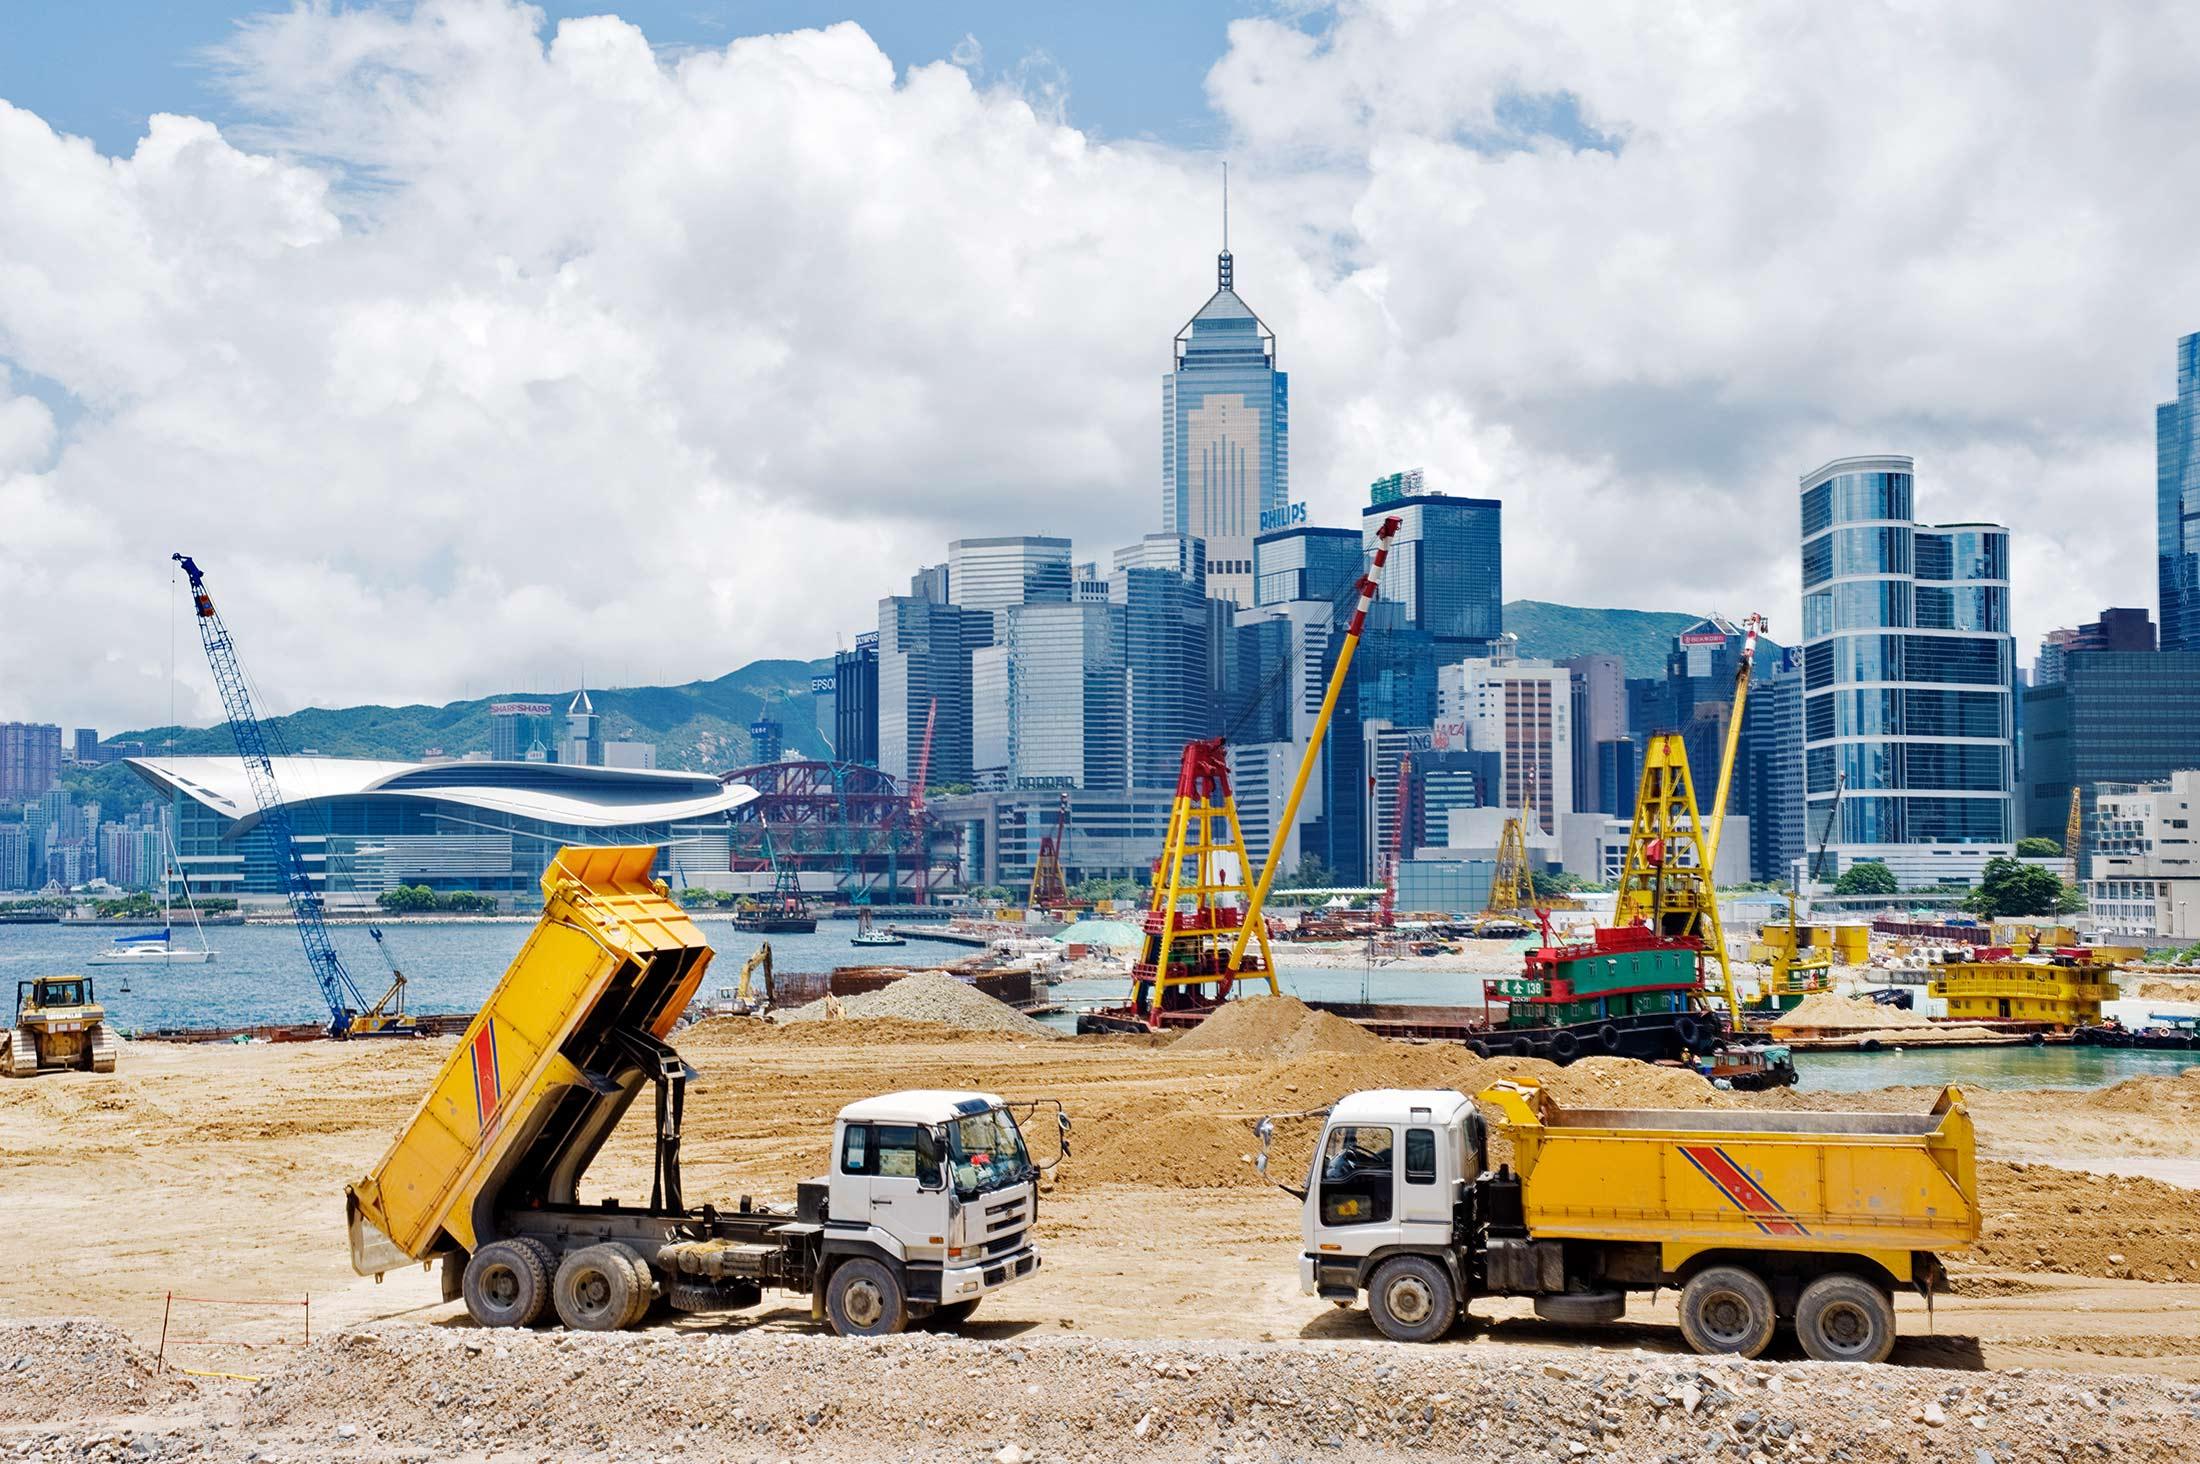 Major reclamation works in progress in Victoria Harbour